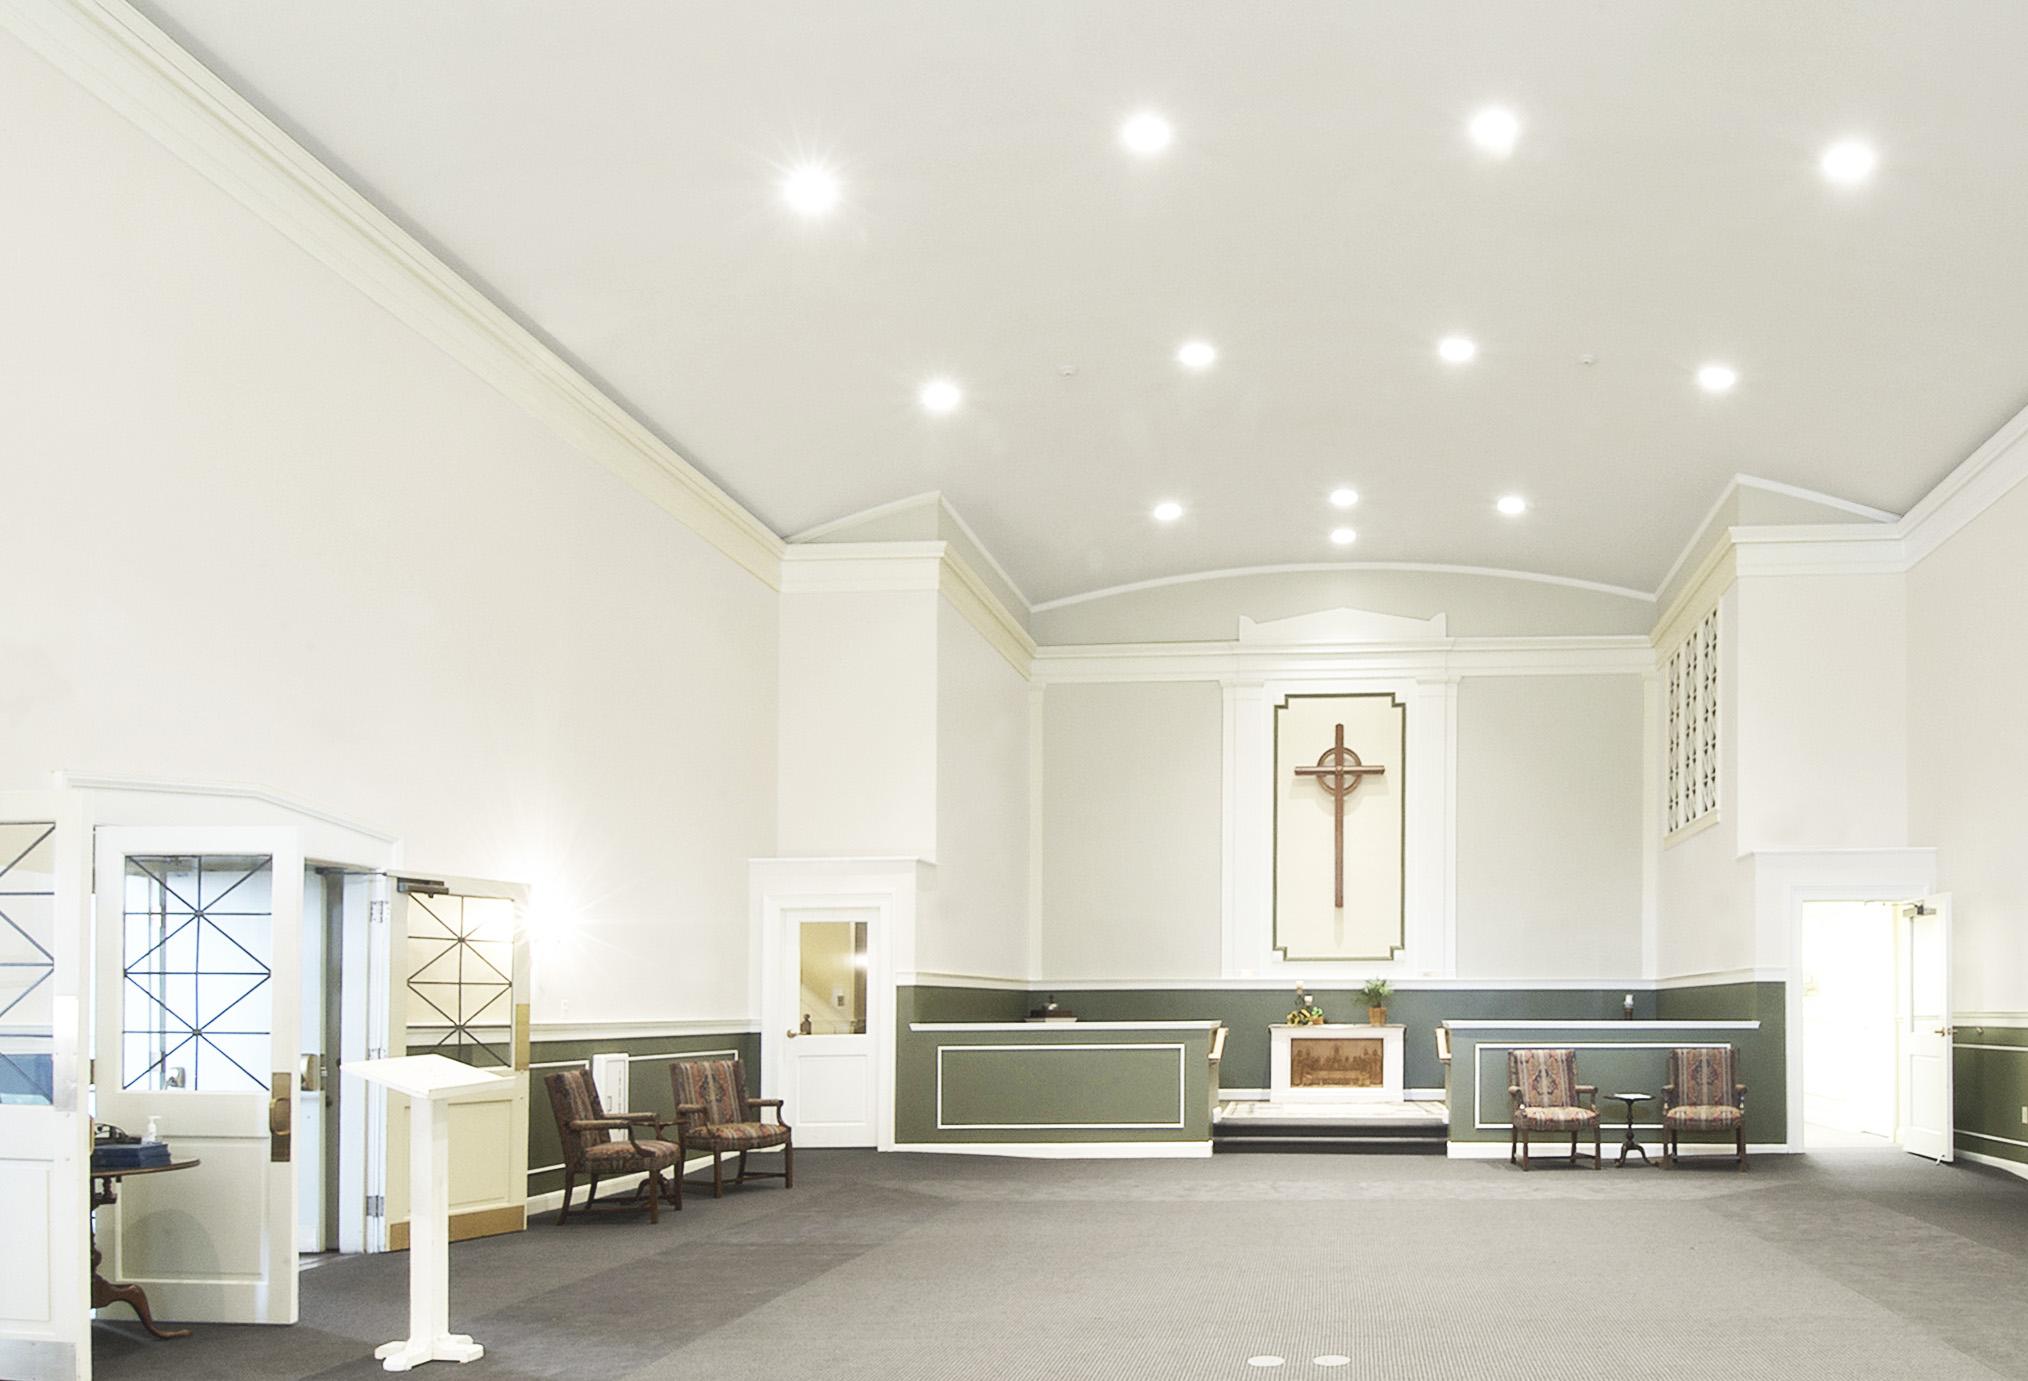 ORCHARD PARK PRESBYTERIAN CHURCH - ORCHARD PARK, NEW YORK